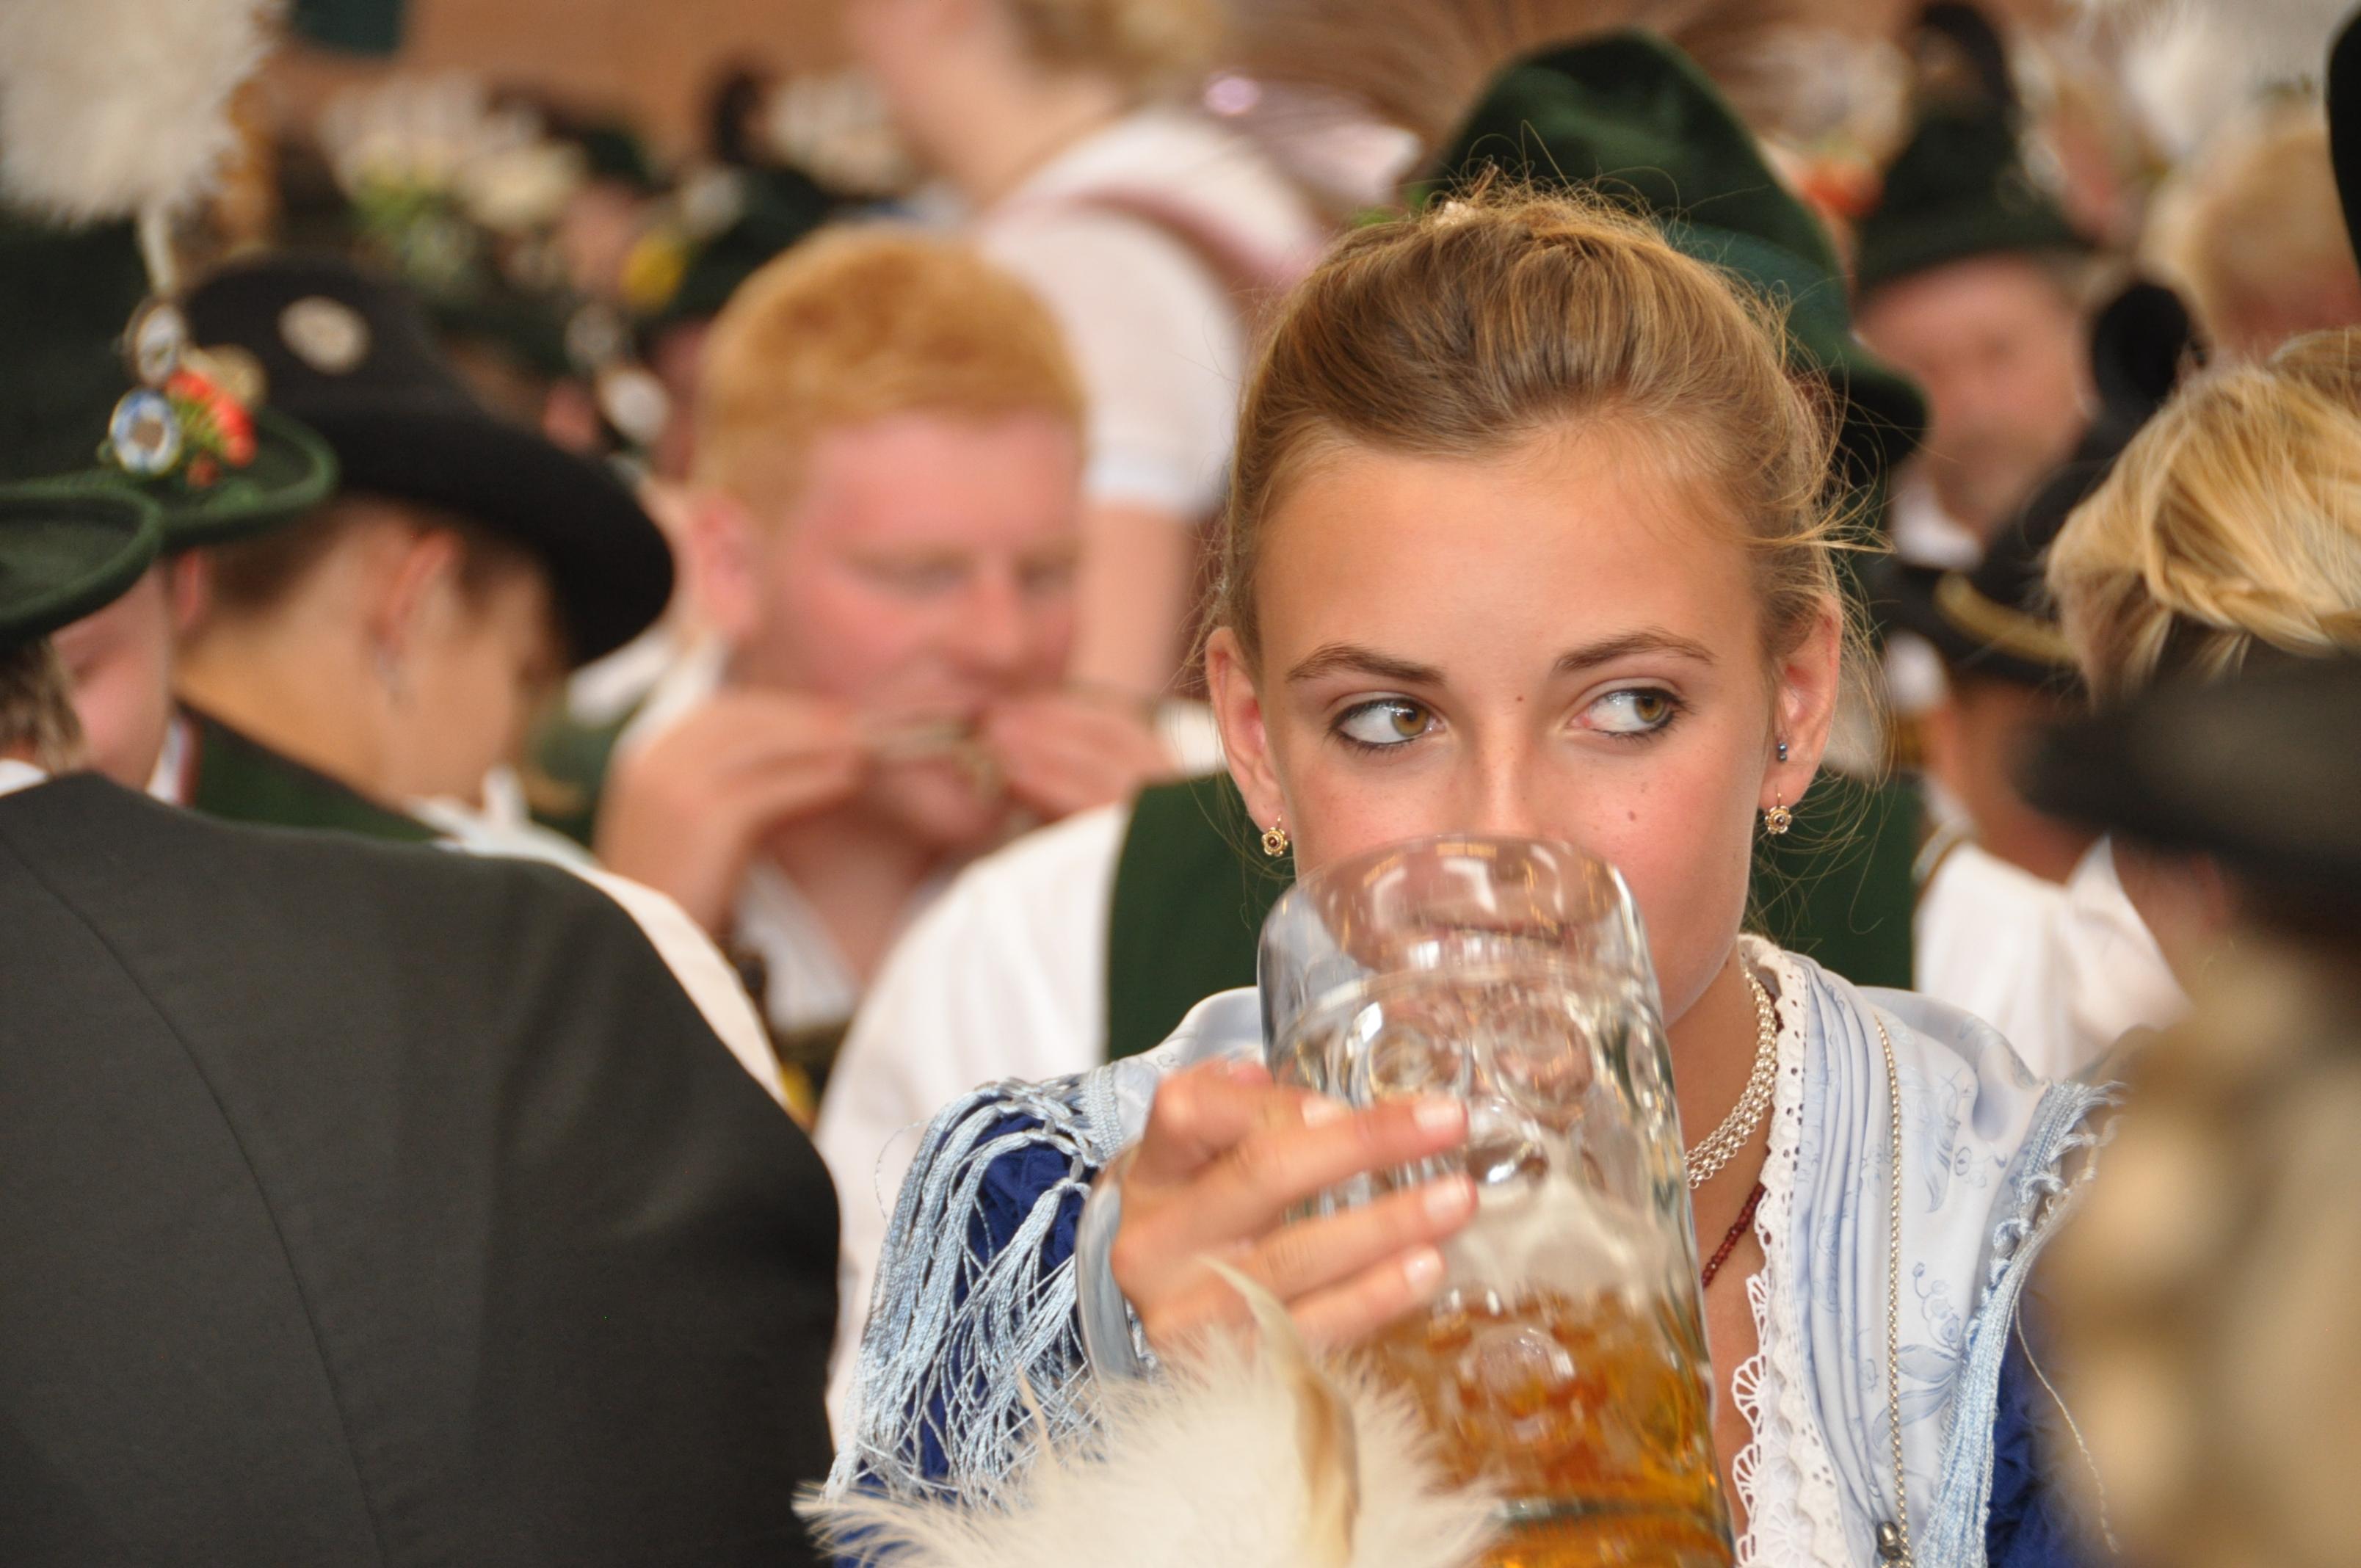 Herbstfest sonntag 02 09 2012